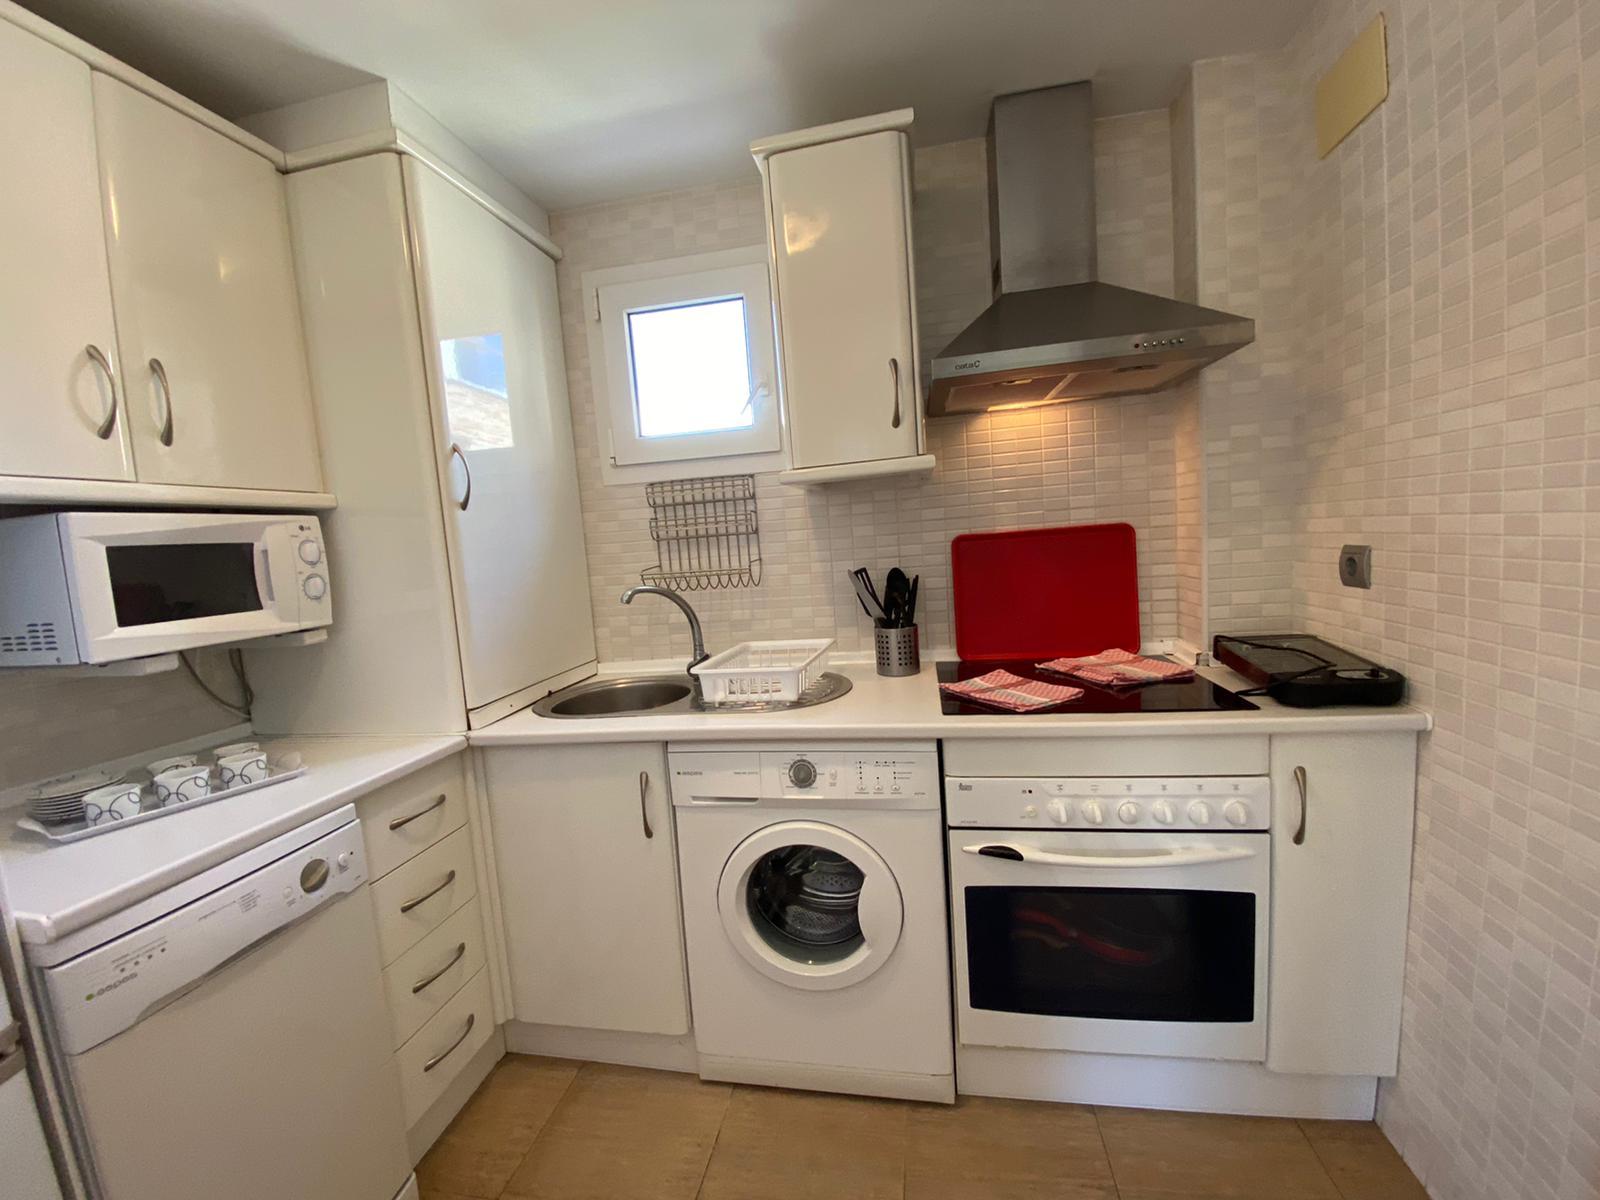 Imagen 31 del Apartamento Turístico, Ático 6 Poniente (3d+2b), Punta del Moral (HUELVA), Paseo de la Cruz nº22